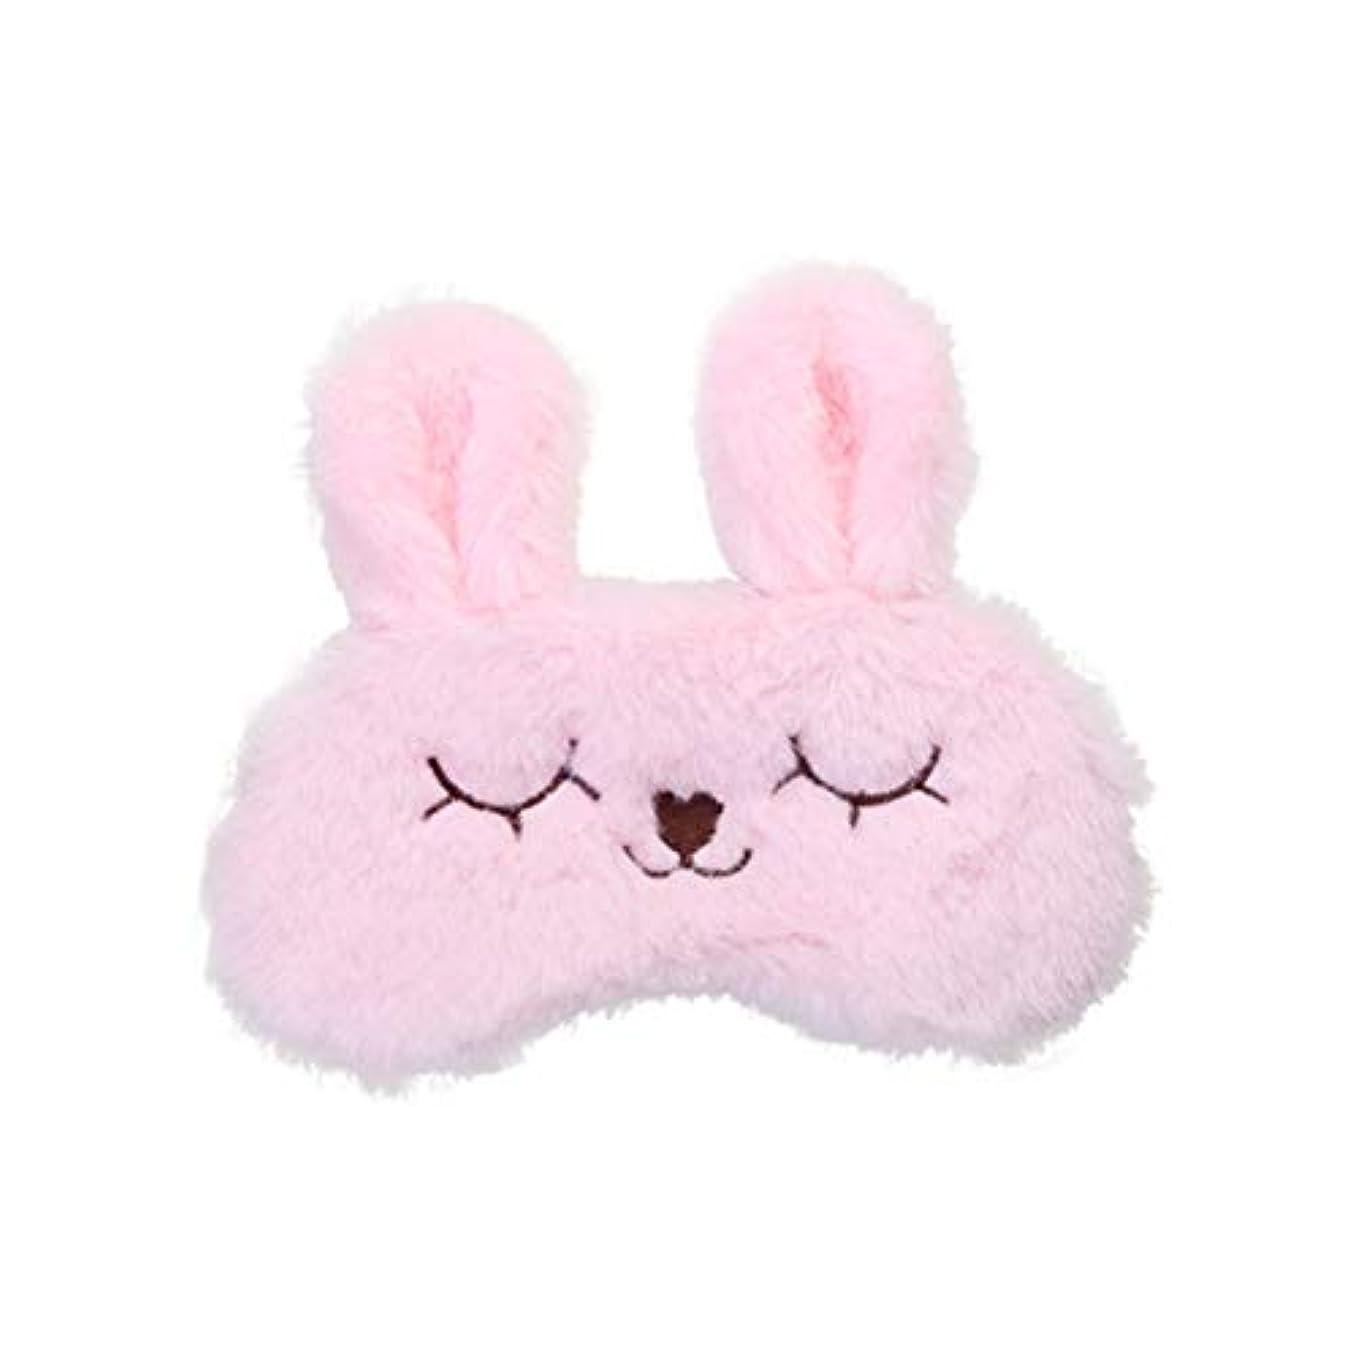 しばしば平日引数HEALIFTY 睡眠マスクウサギぬいぐるみ目隠しコールドホットコンプレッションスリープアイマスクカバーかわいいアイシェイド(ピンク)